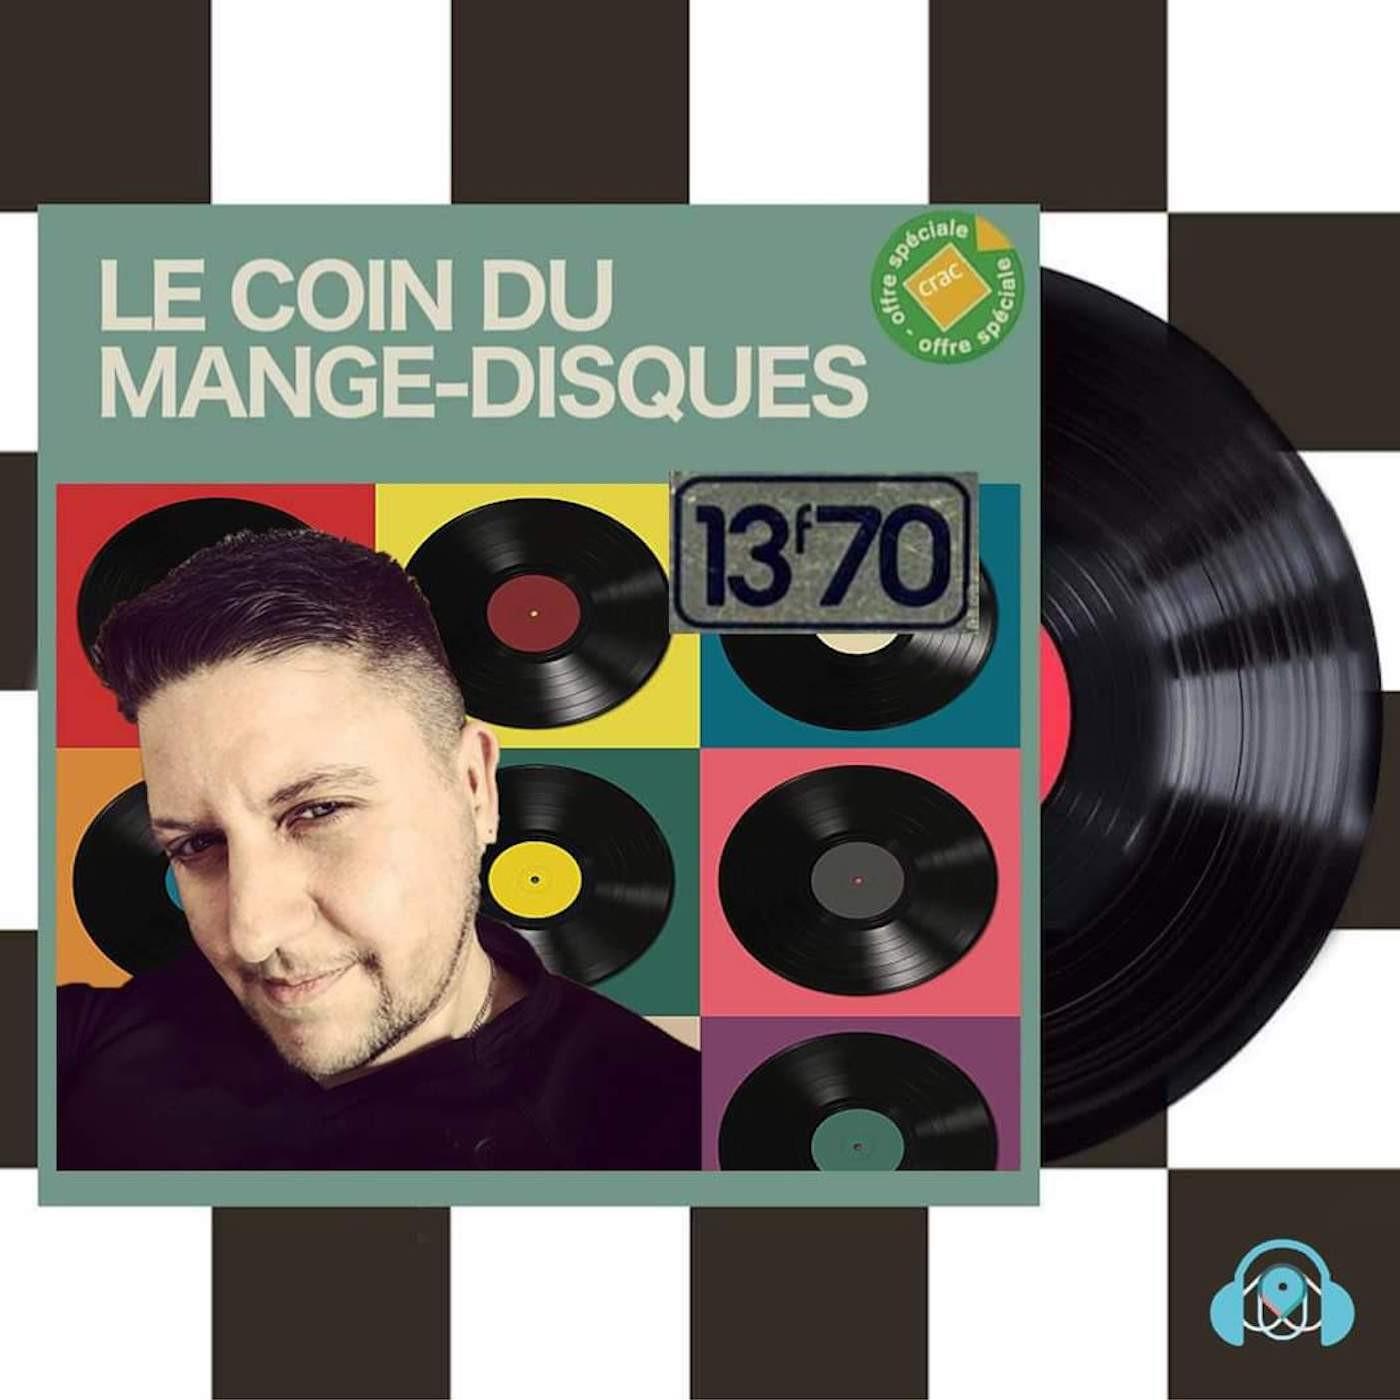 LE COIN DU MANGE-DISQUES S1E6 - B.O.F